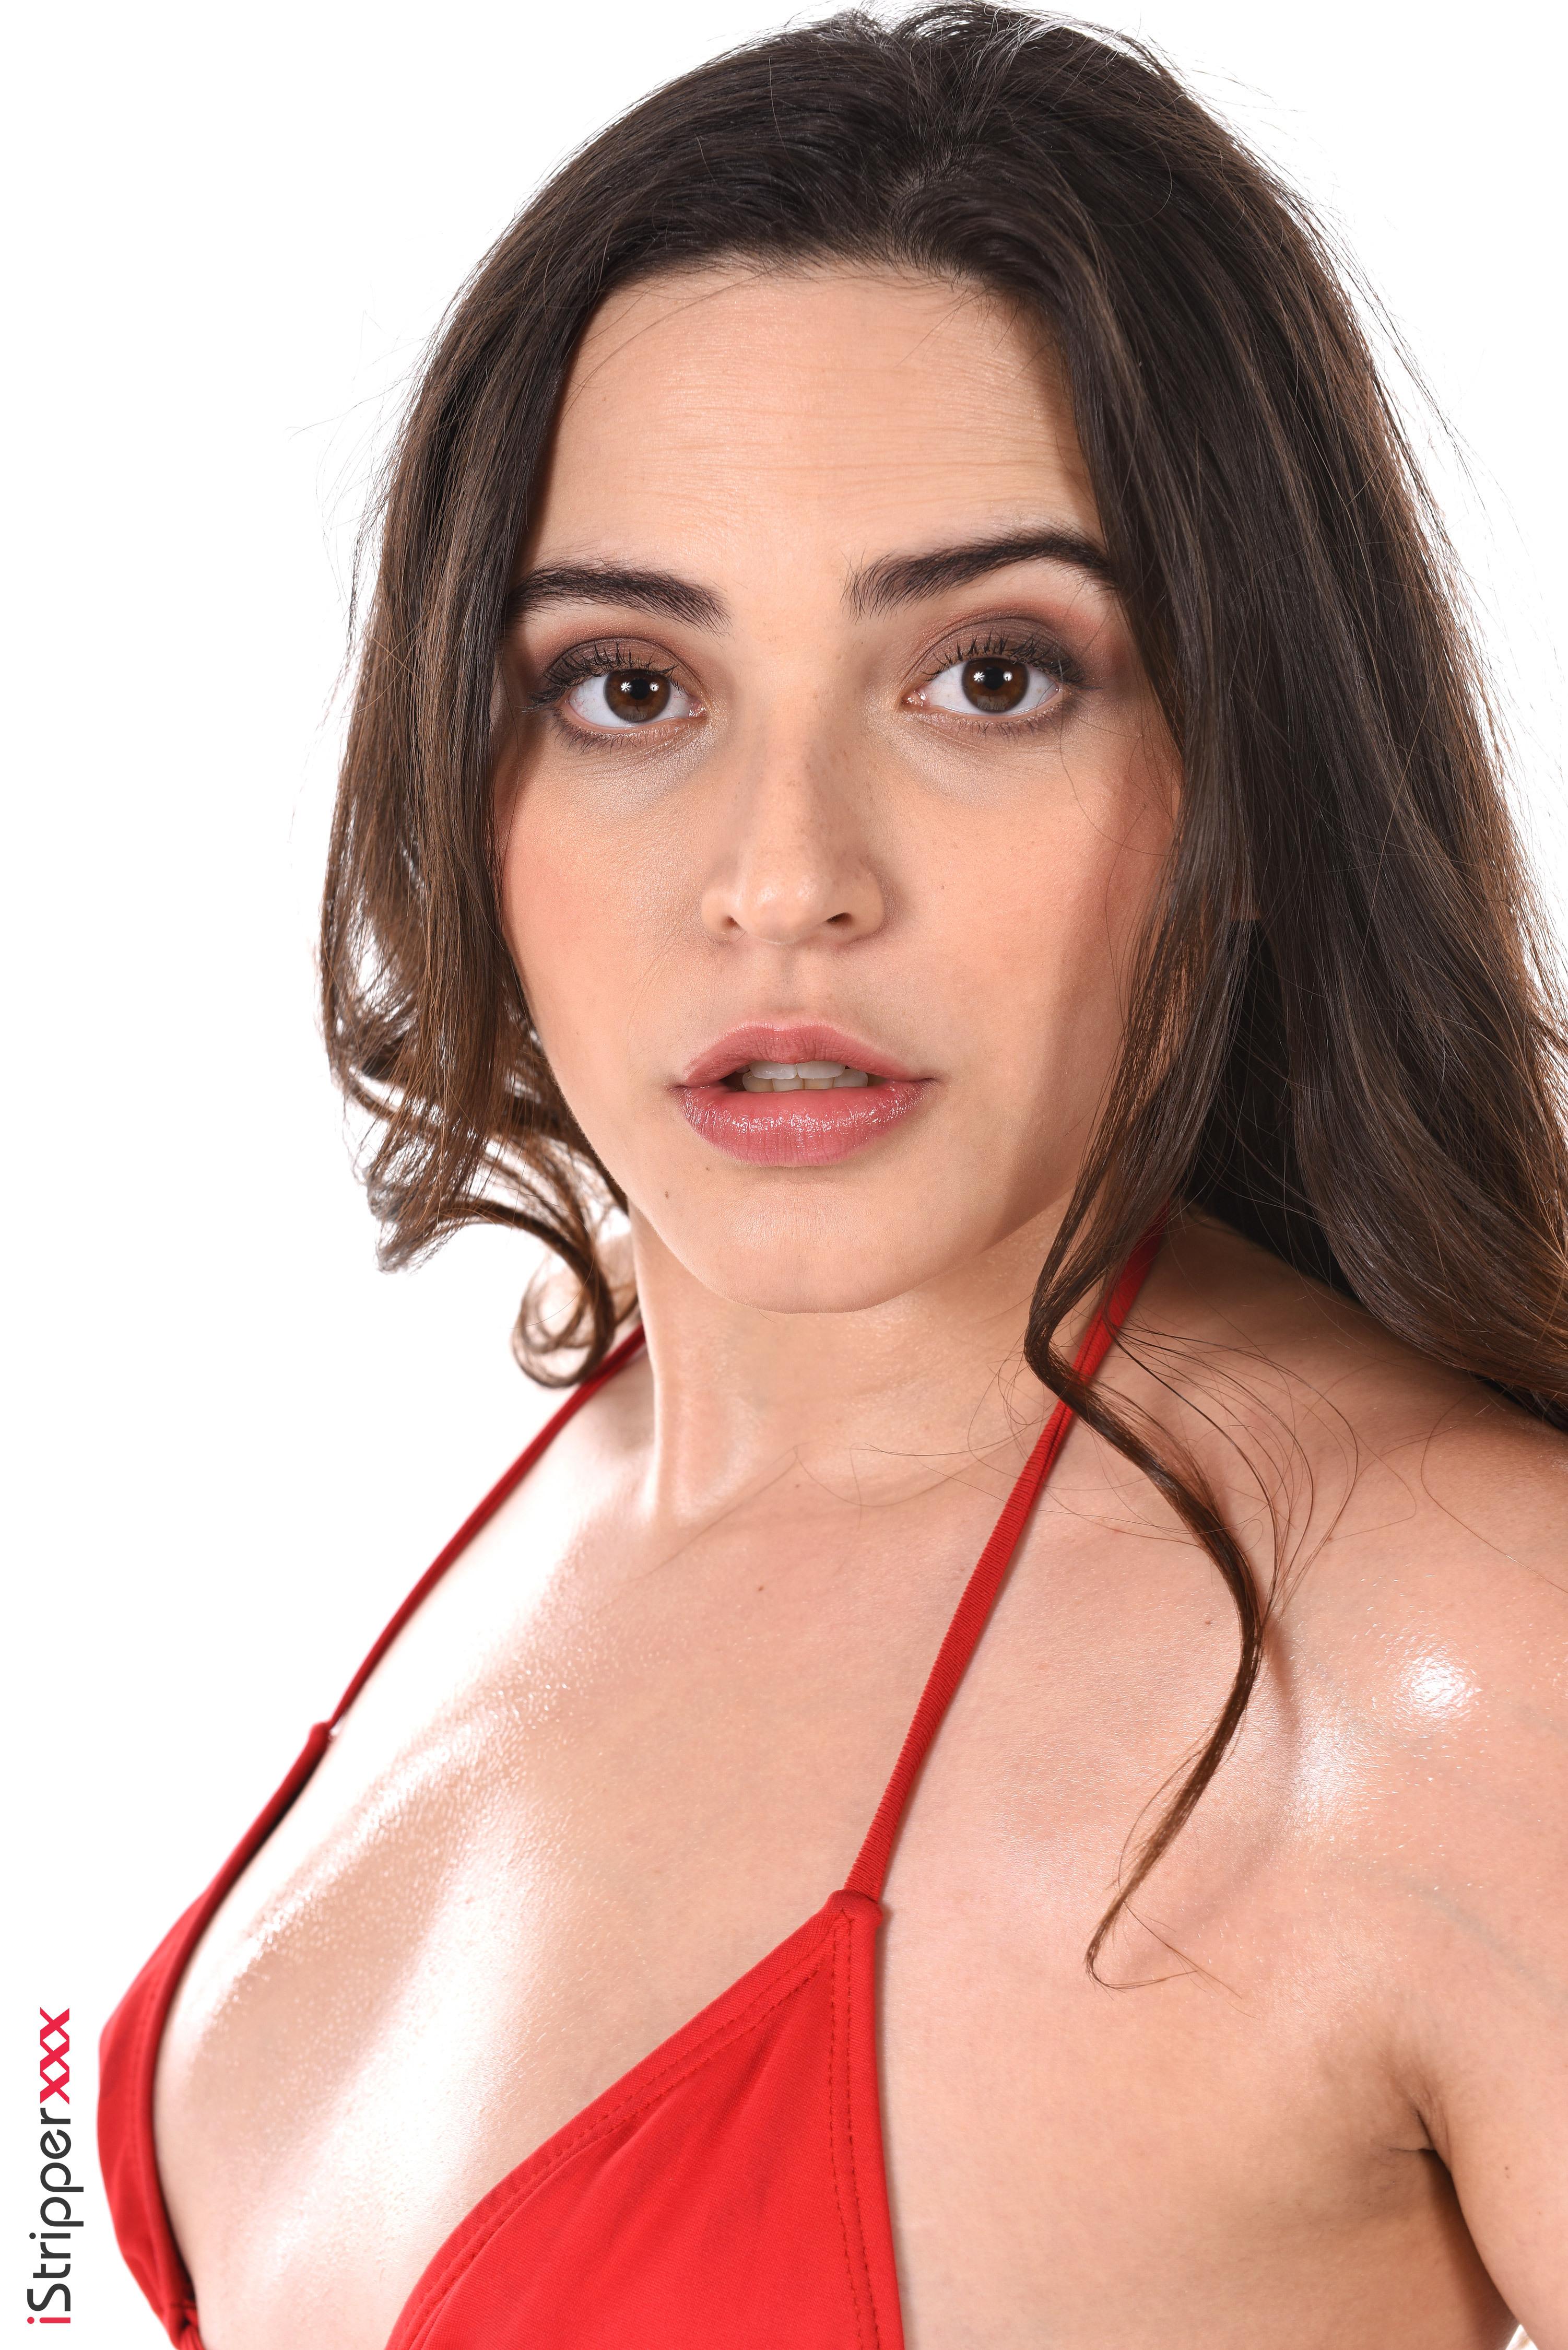 woman sexy wallpaper